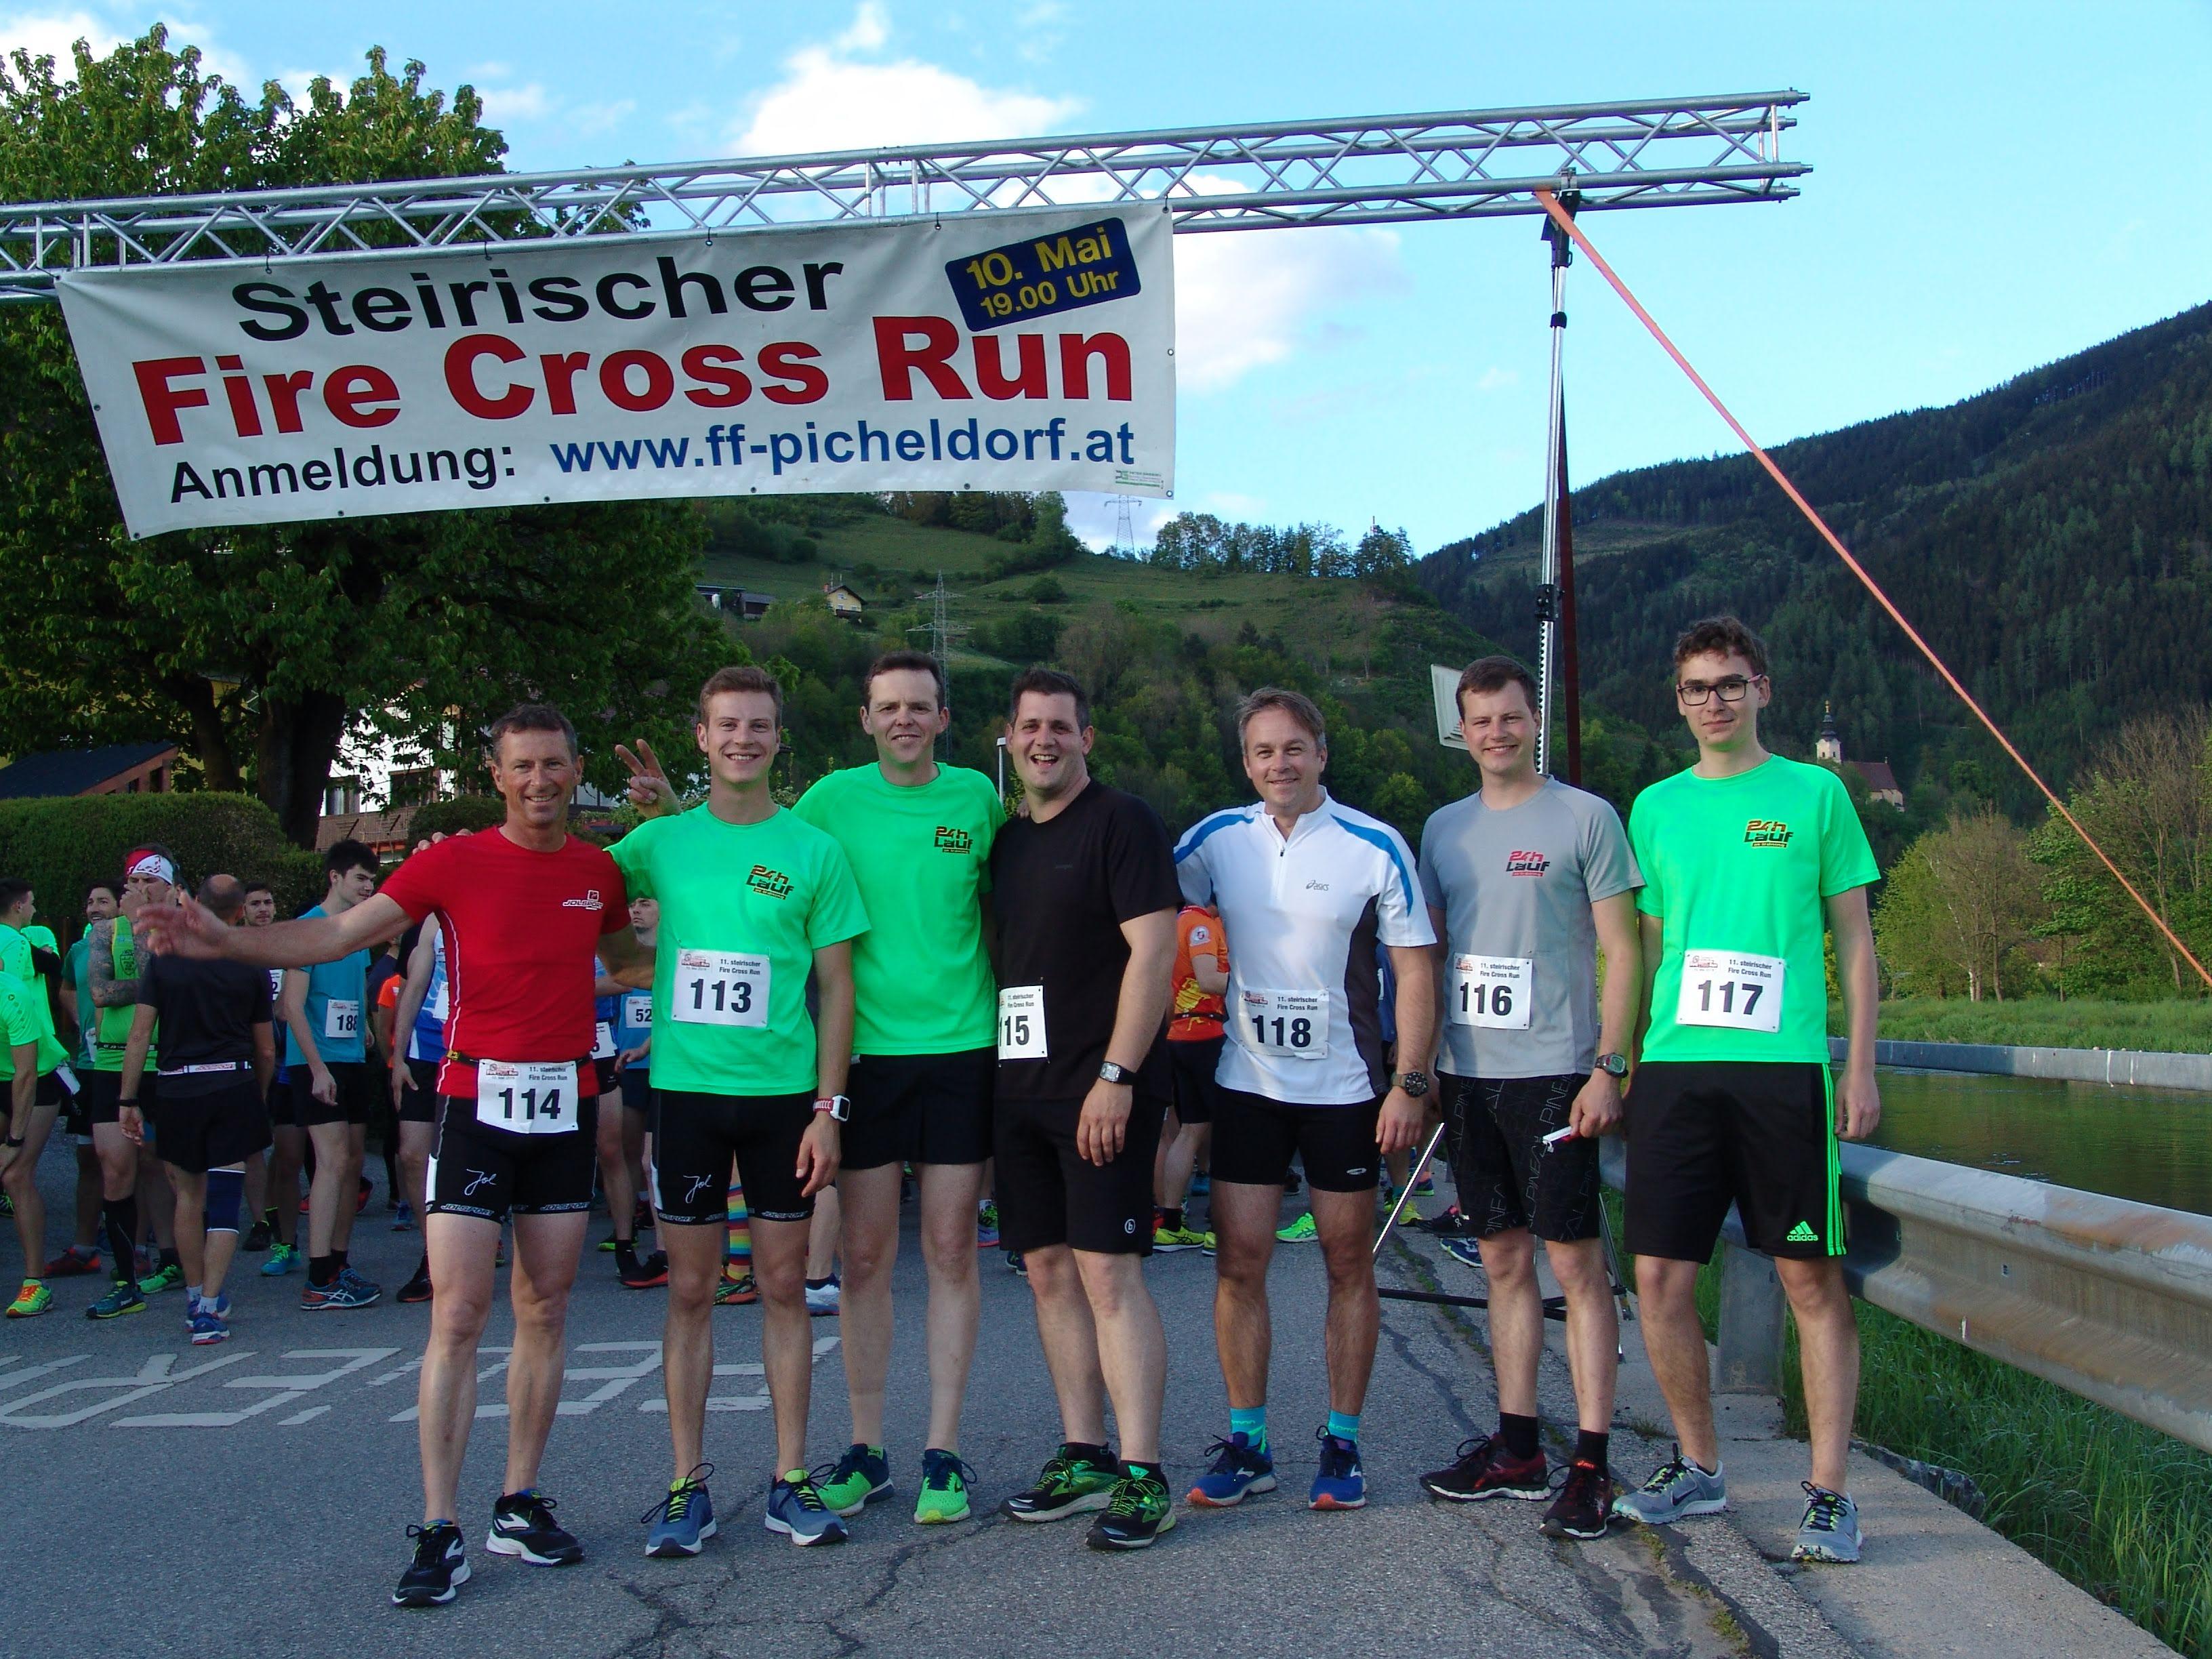 Fire Cross Run - Die Teilnehmer